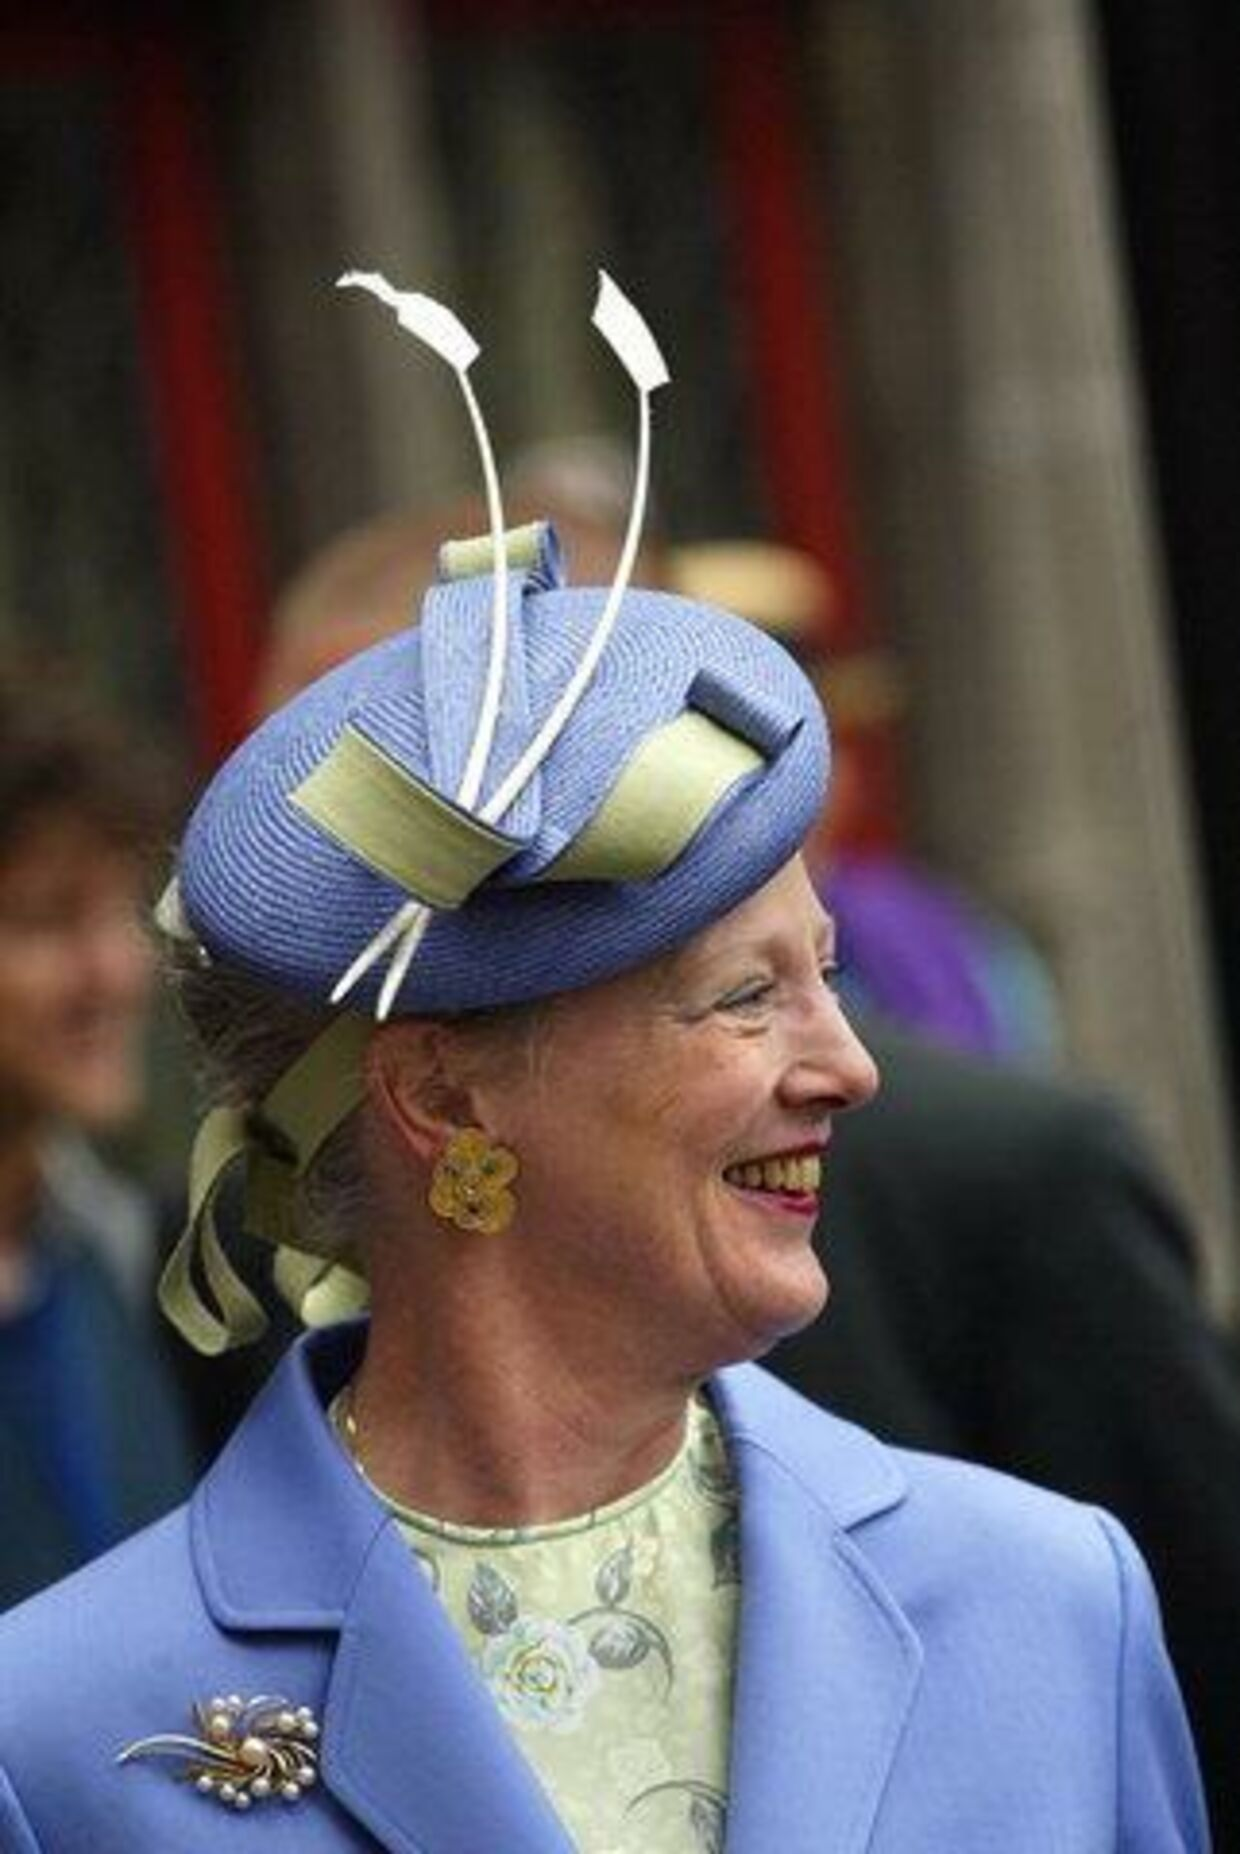 Dronning Margrethe inviterer indenfor i den kongelige jagtgård i Trend. Foto: Jørgen Jessen